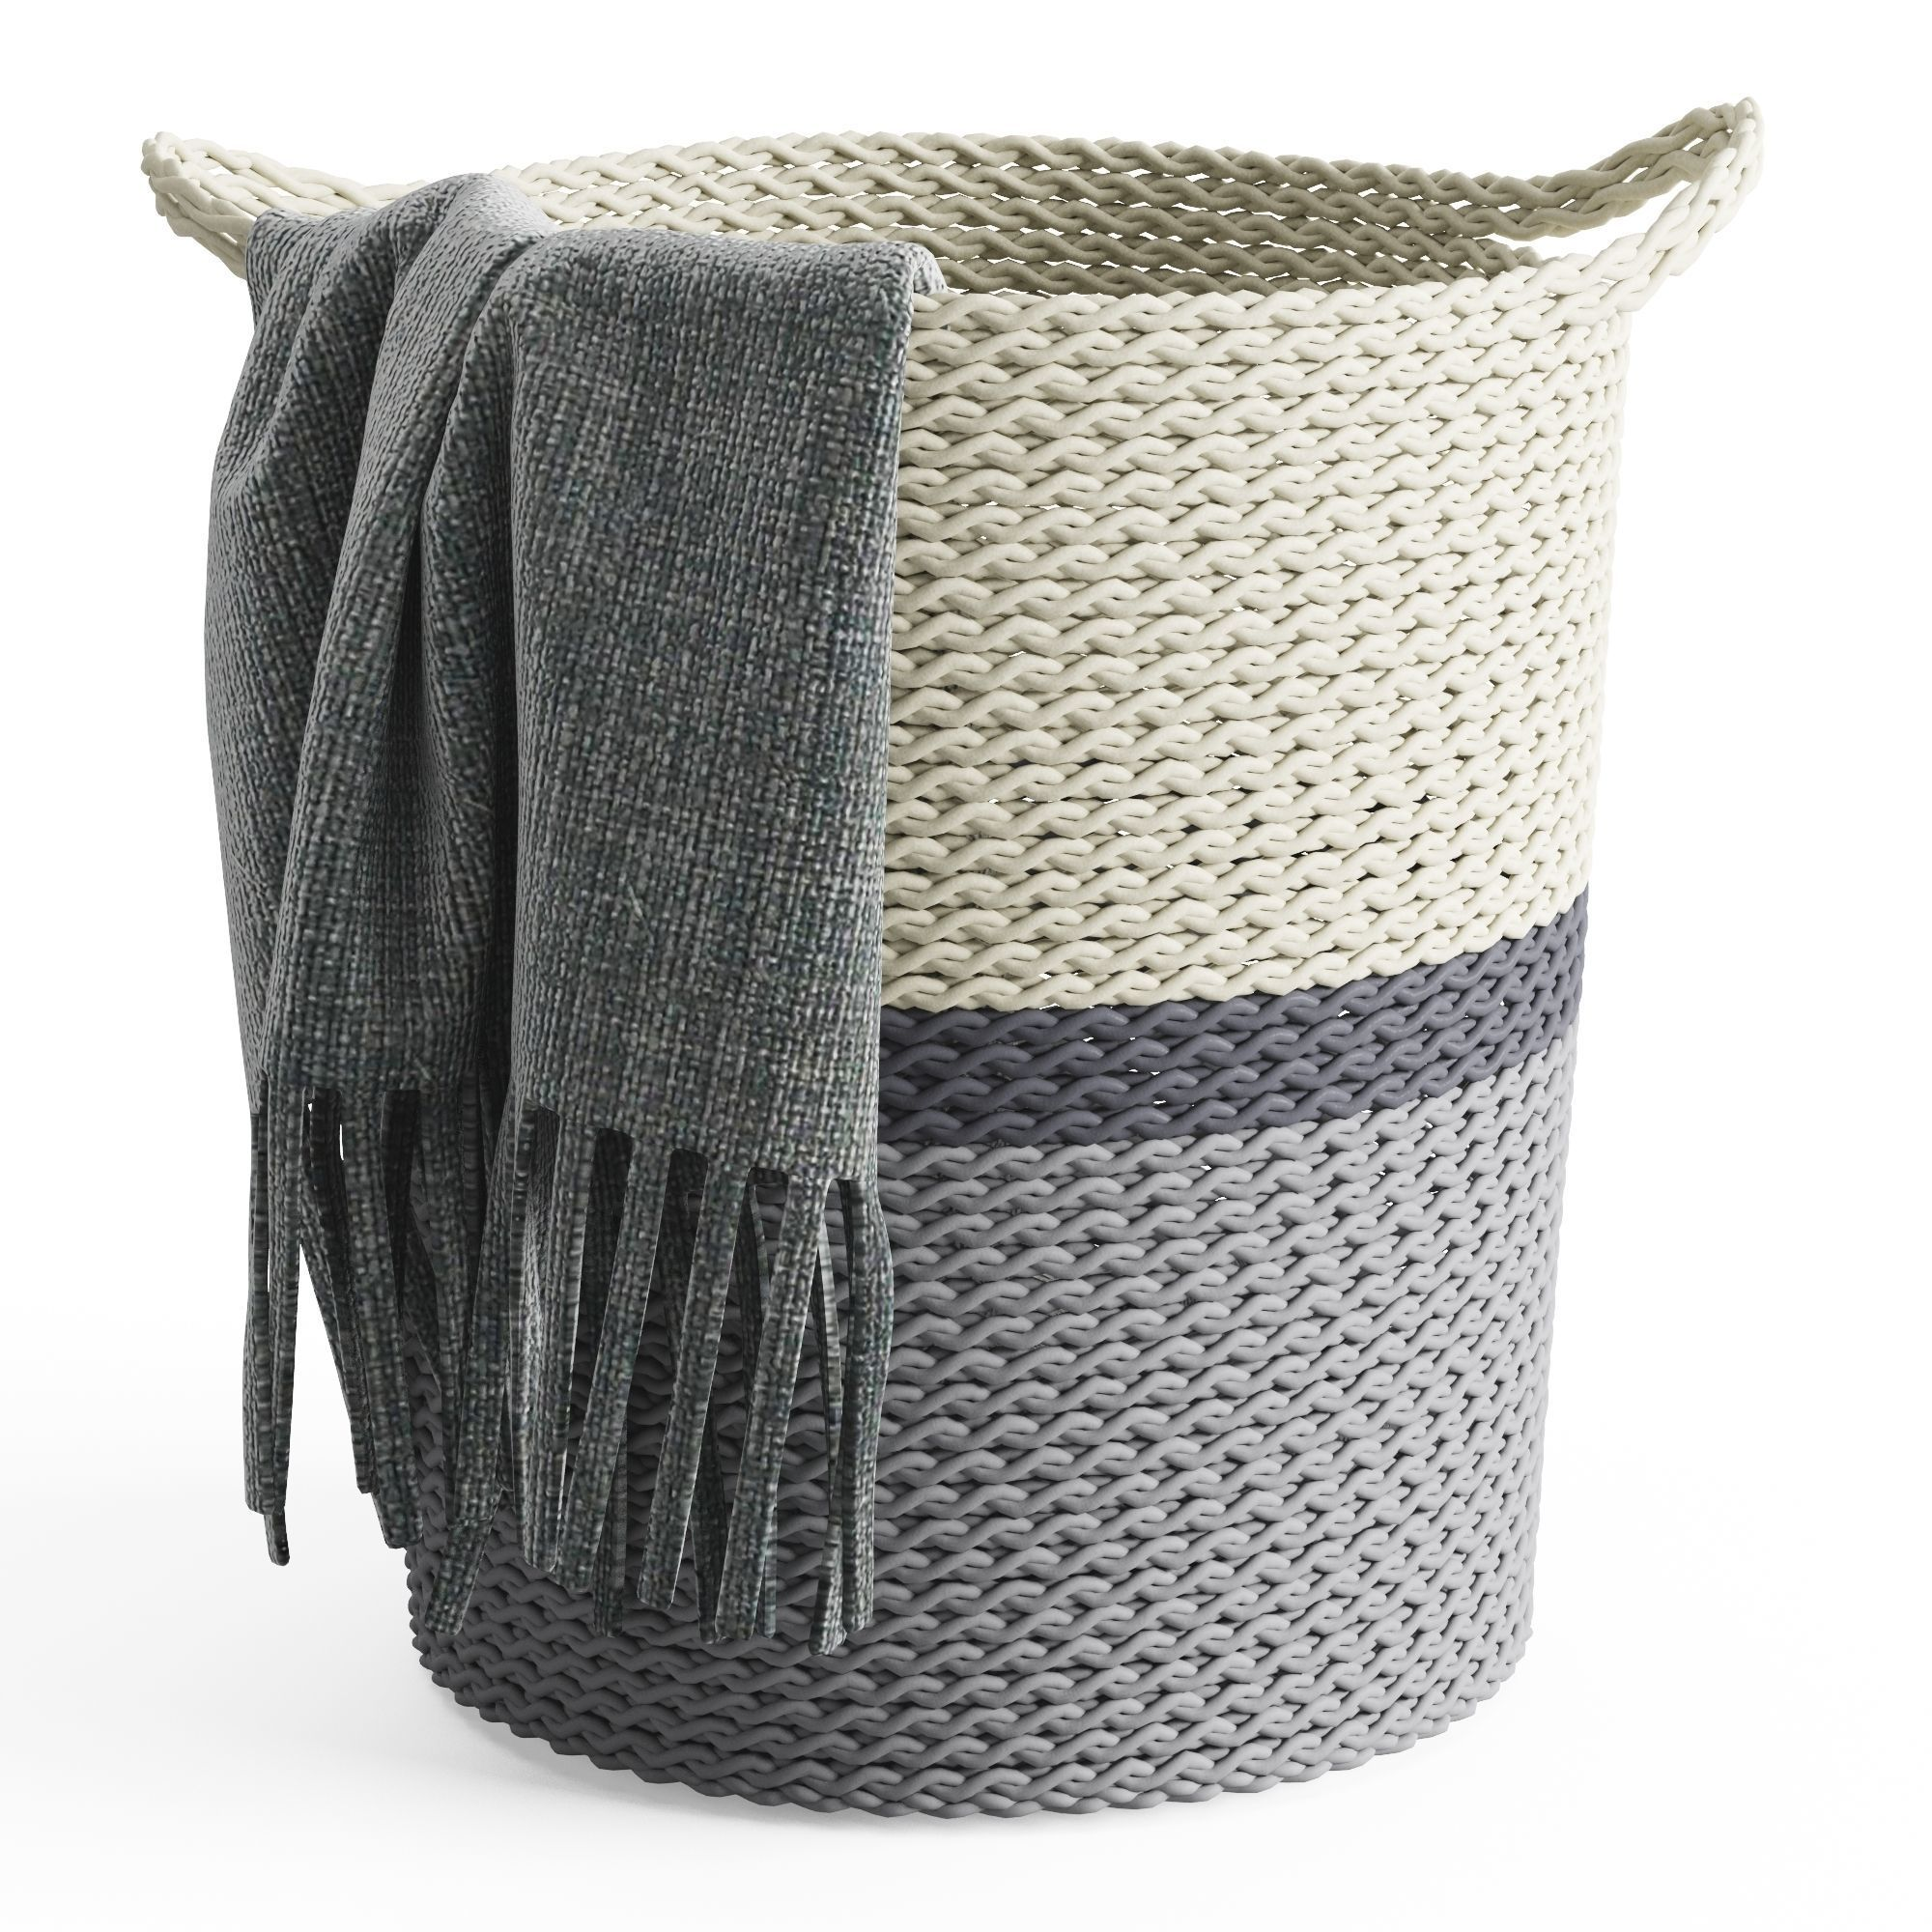 Laundry Basket